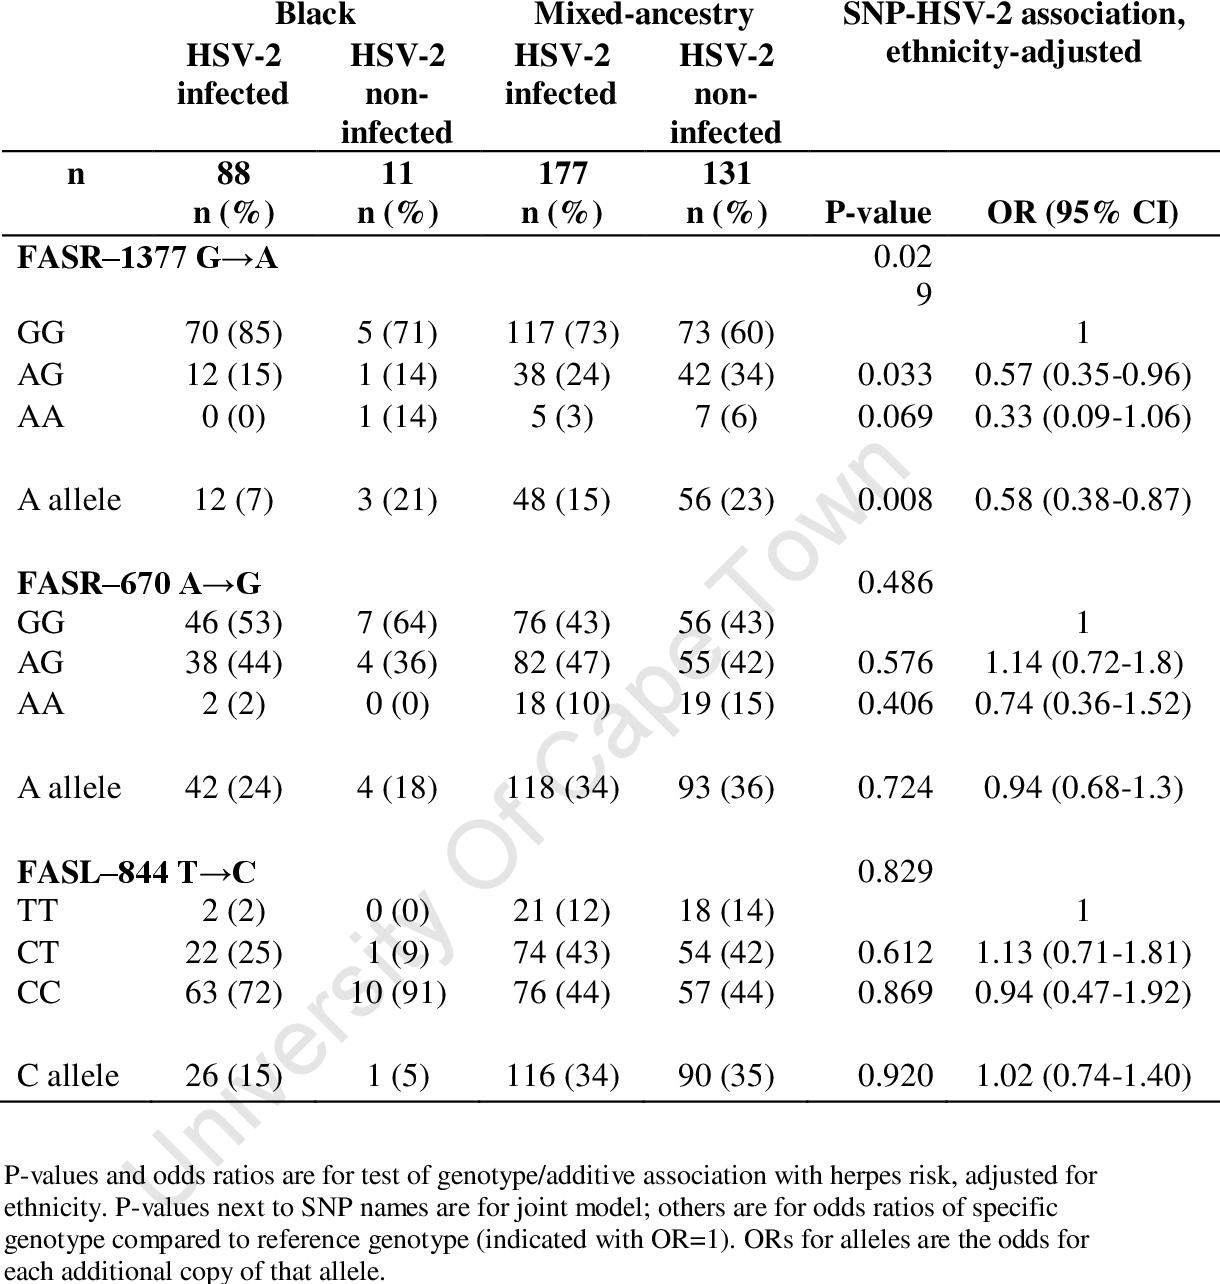 hpv cervical cancer odds ratio)